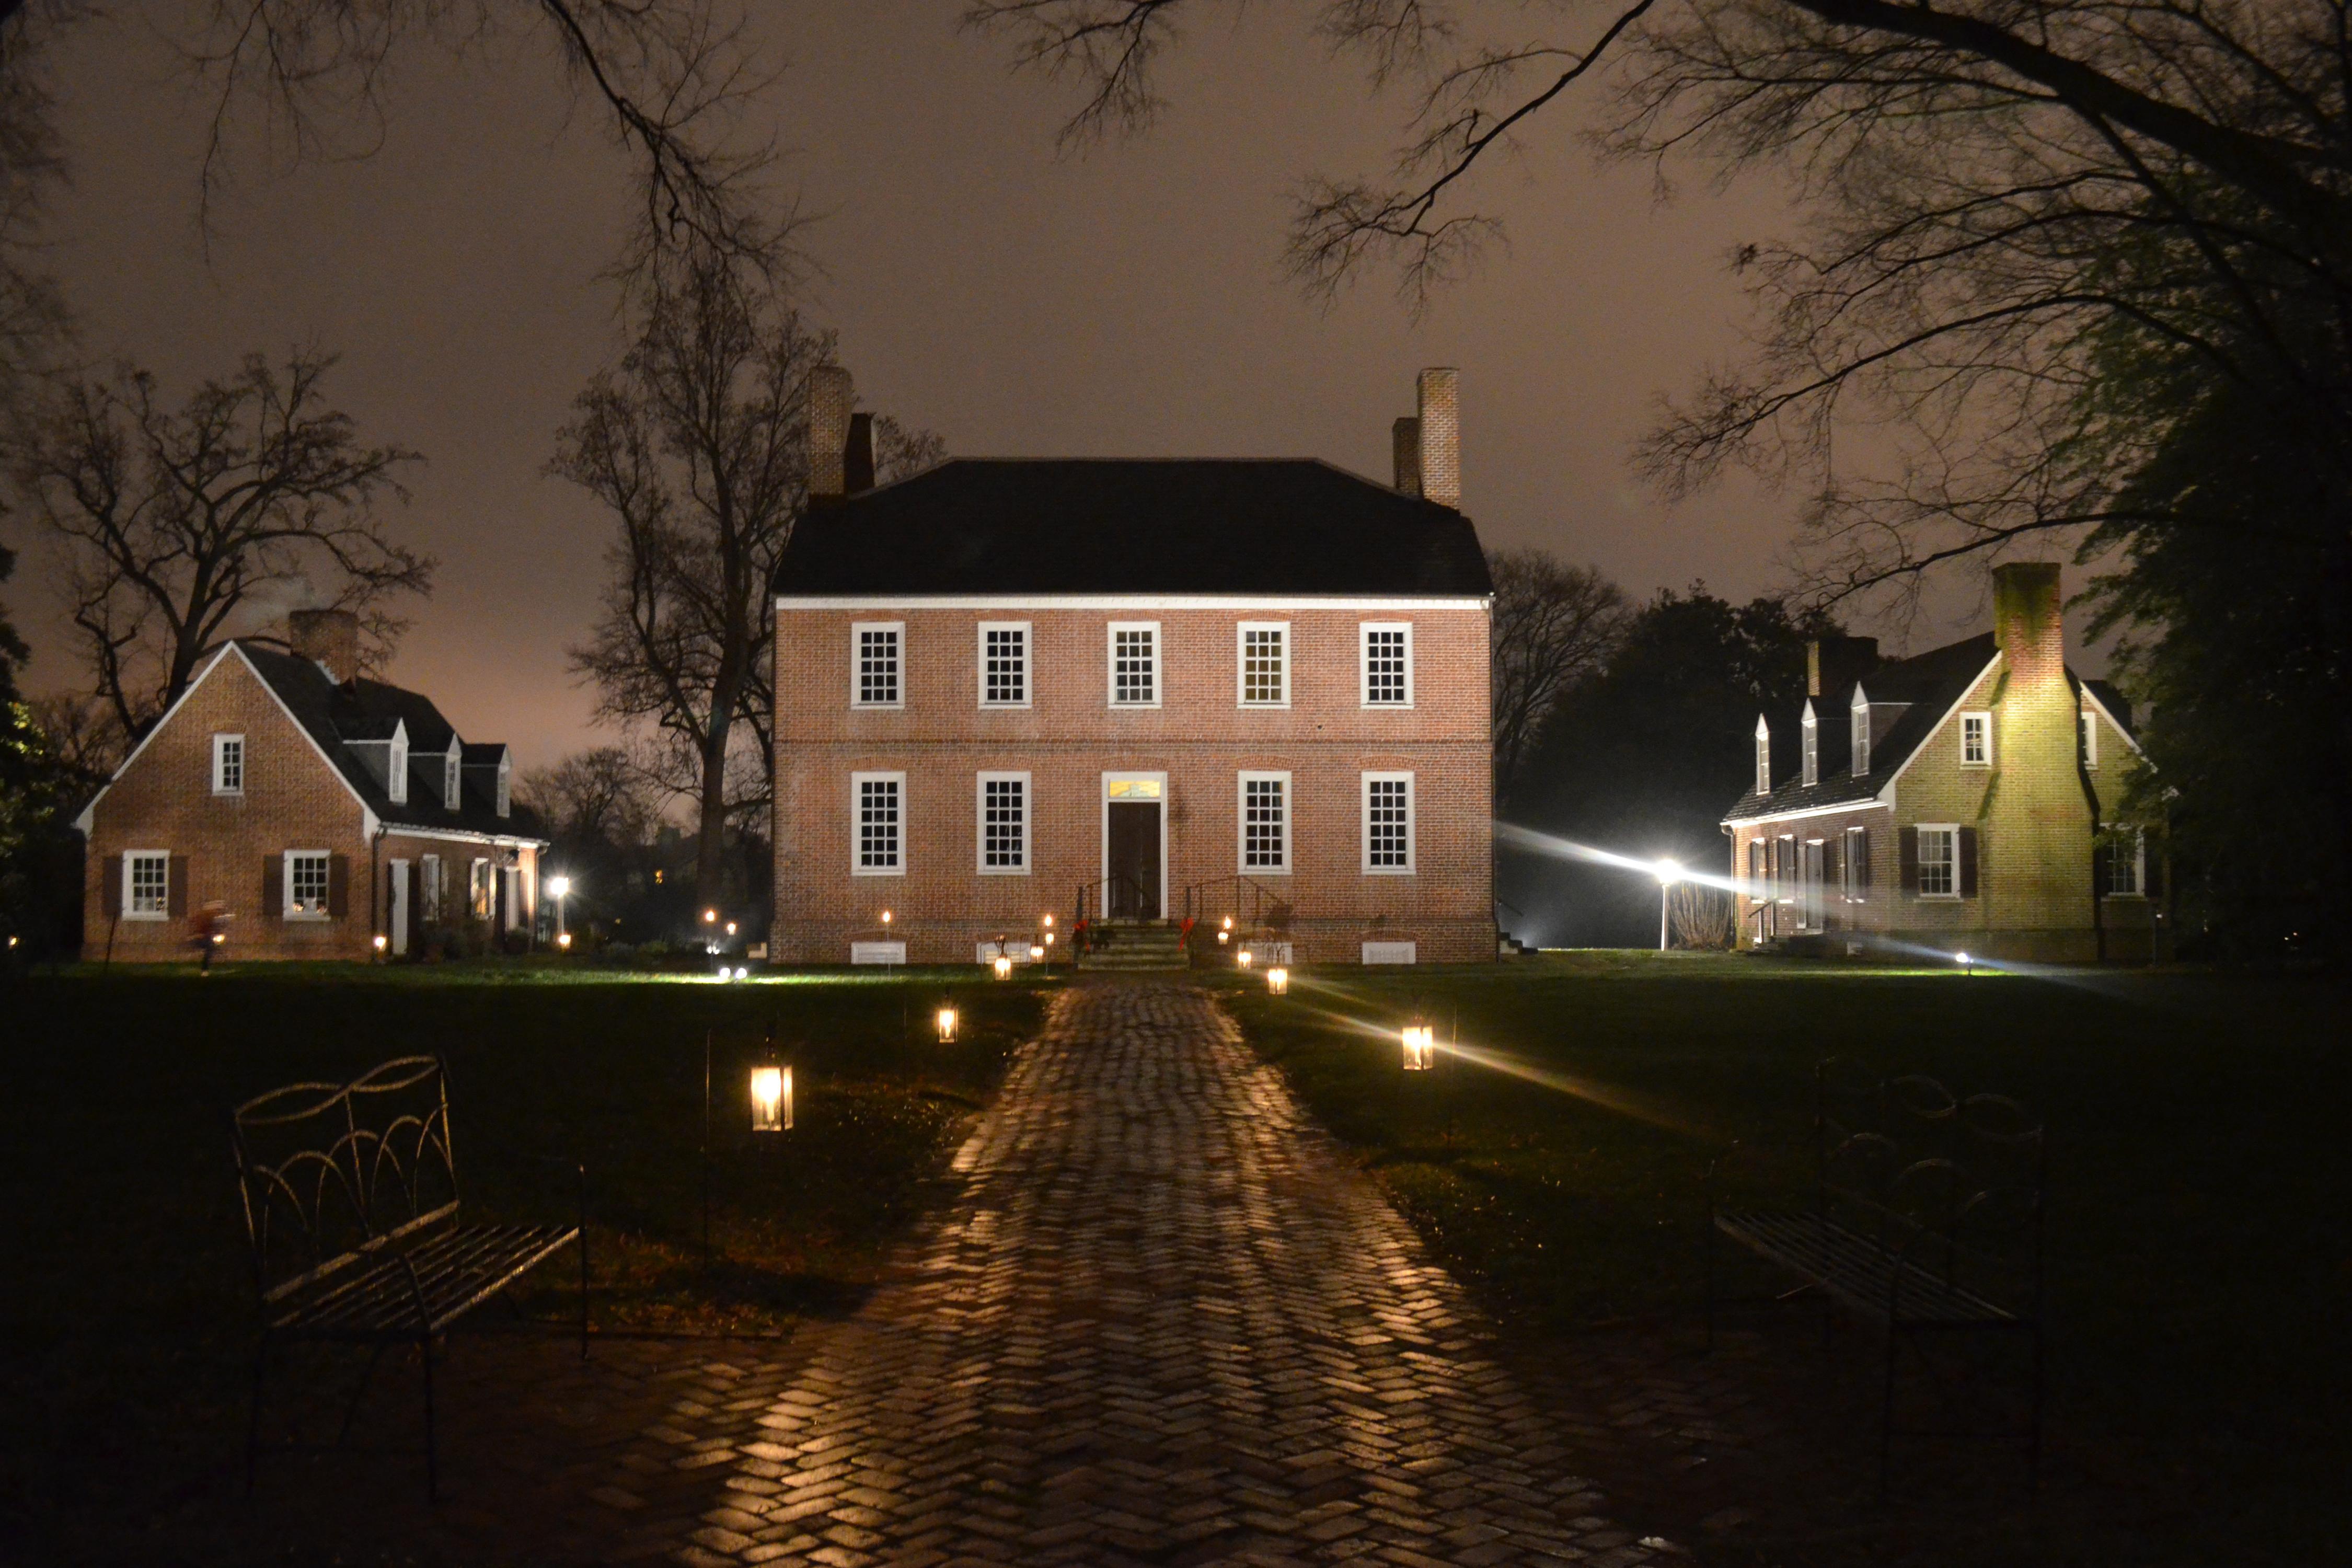 Historic Kenmore at night.